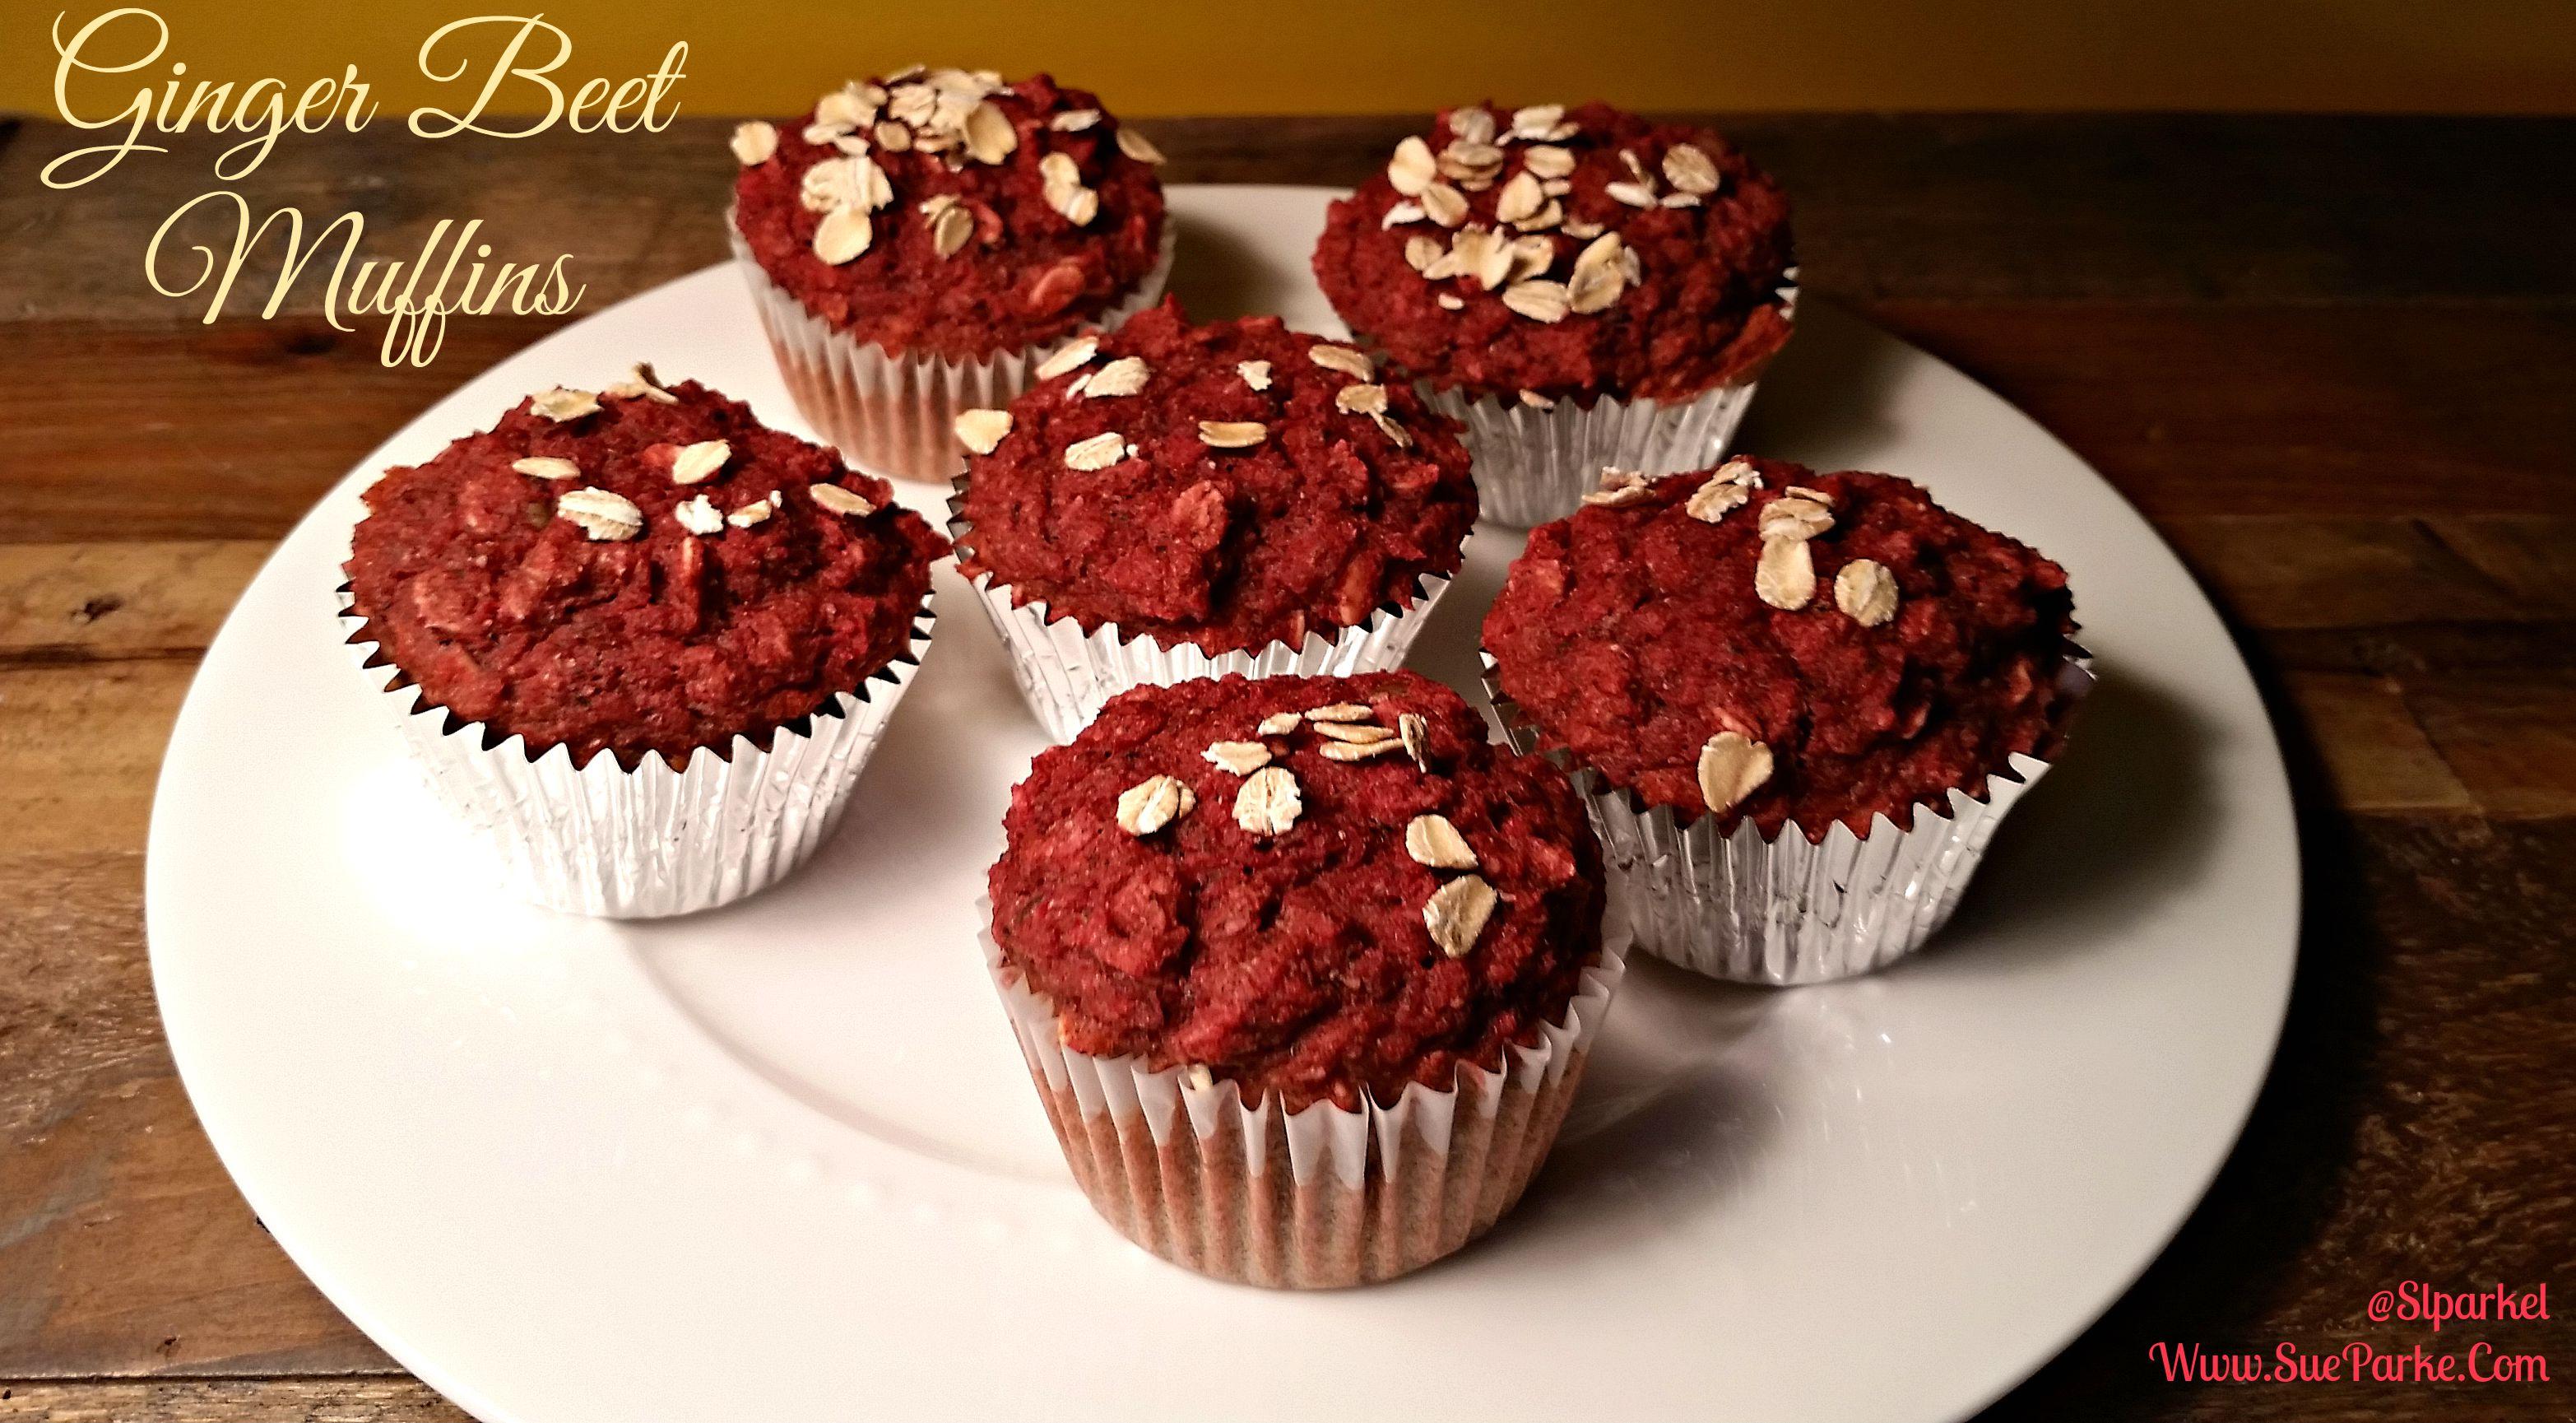 Ginger Beet Muffins - Blog